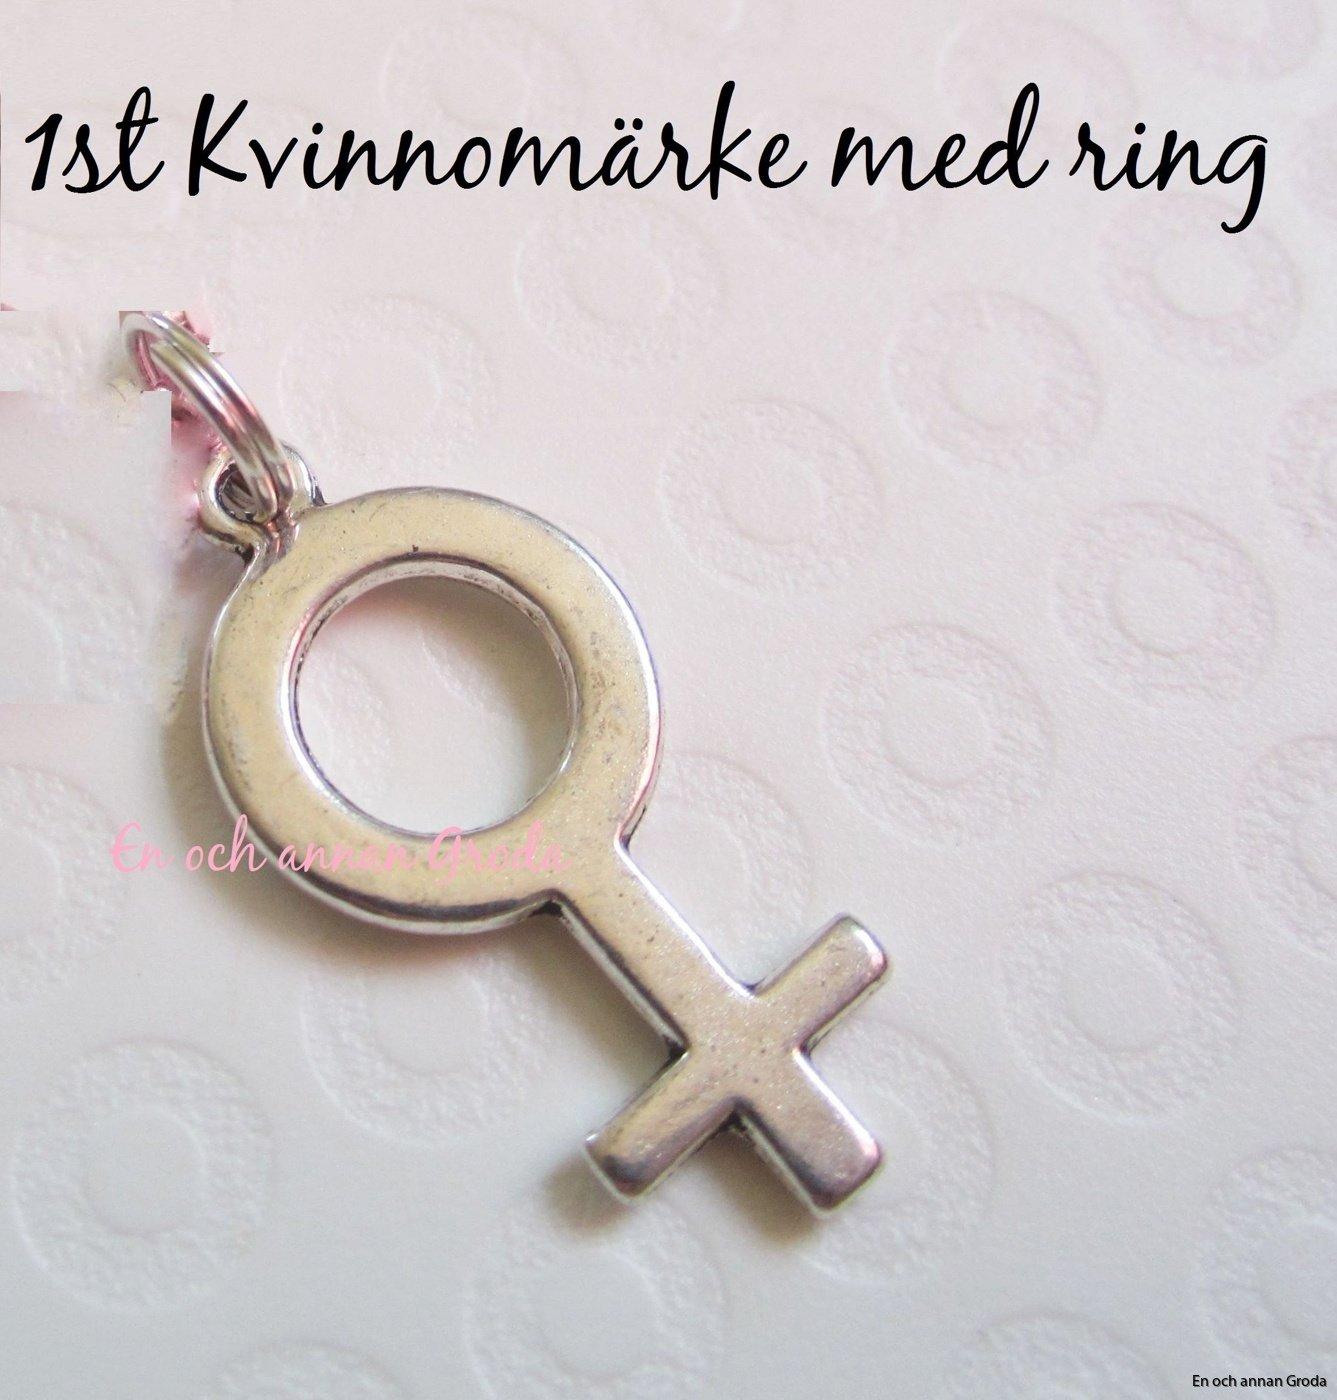 1st Kvinnomärke Hänge med ring till halsband/armband